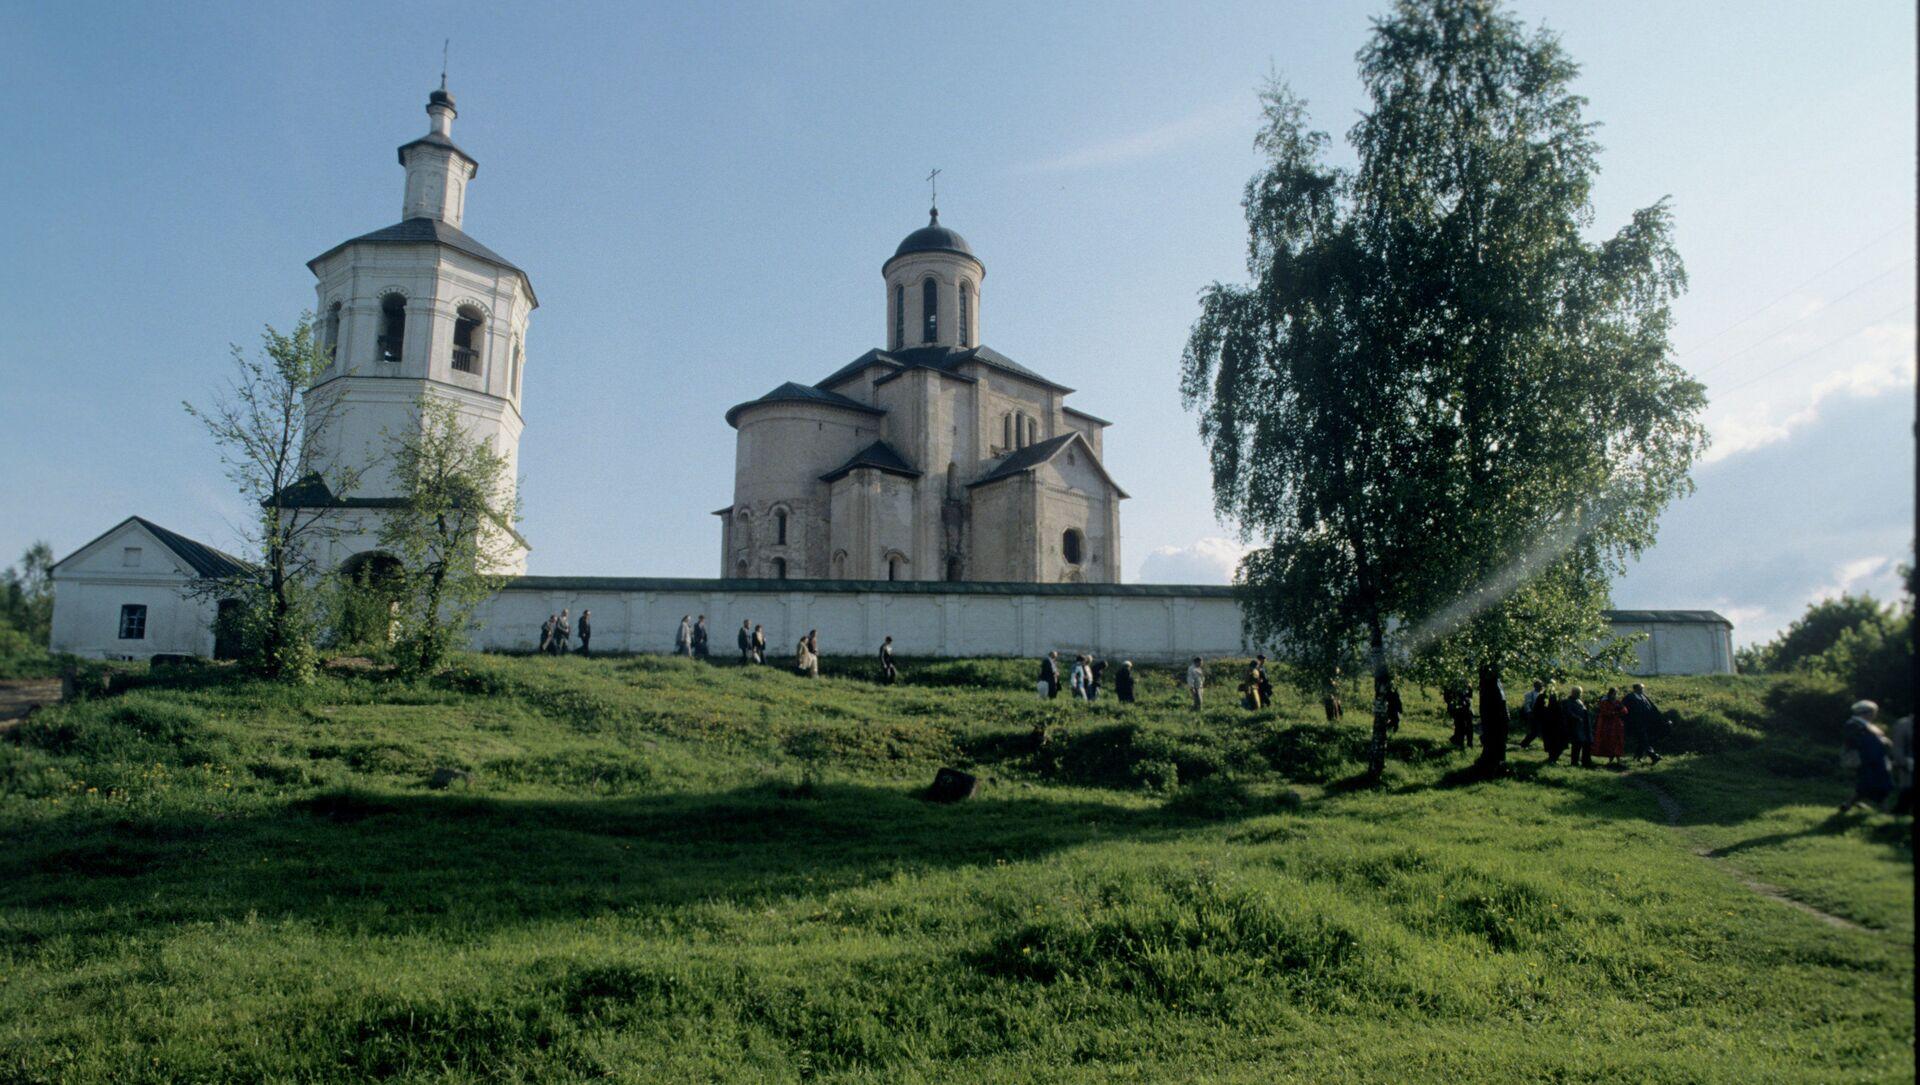 Вид на церковь Архангела Михаила в Смоленске - Sputnik Грузия, 1920, 20.03.2021